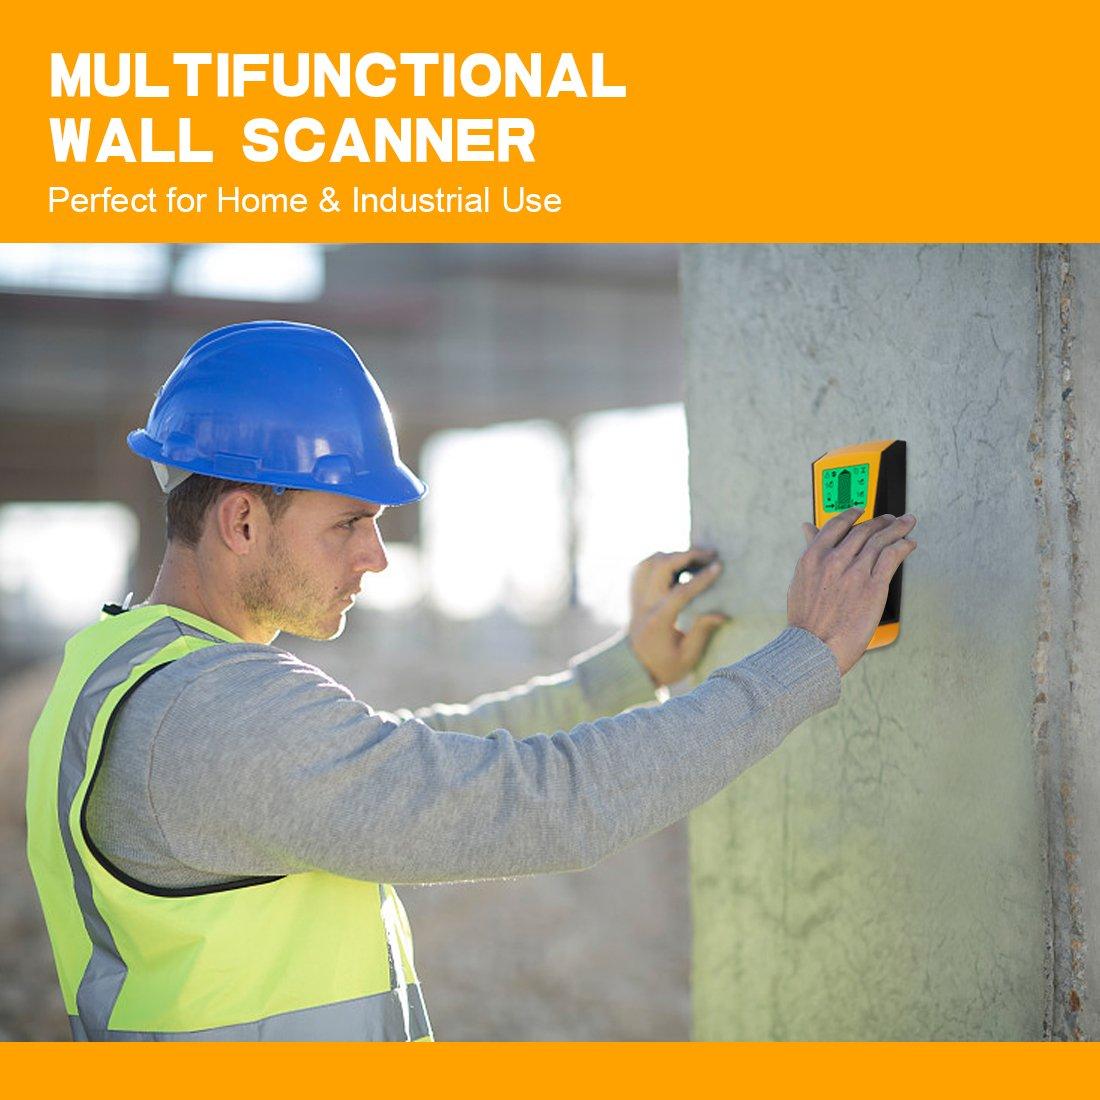 Buscador de pernos de pared - Genround 3 en 1 Detector de Pernos Eléctrico Multi-Scanner con pantalla LCD digital, Detector de pared multifunción con sensor ...